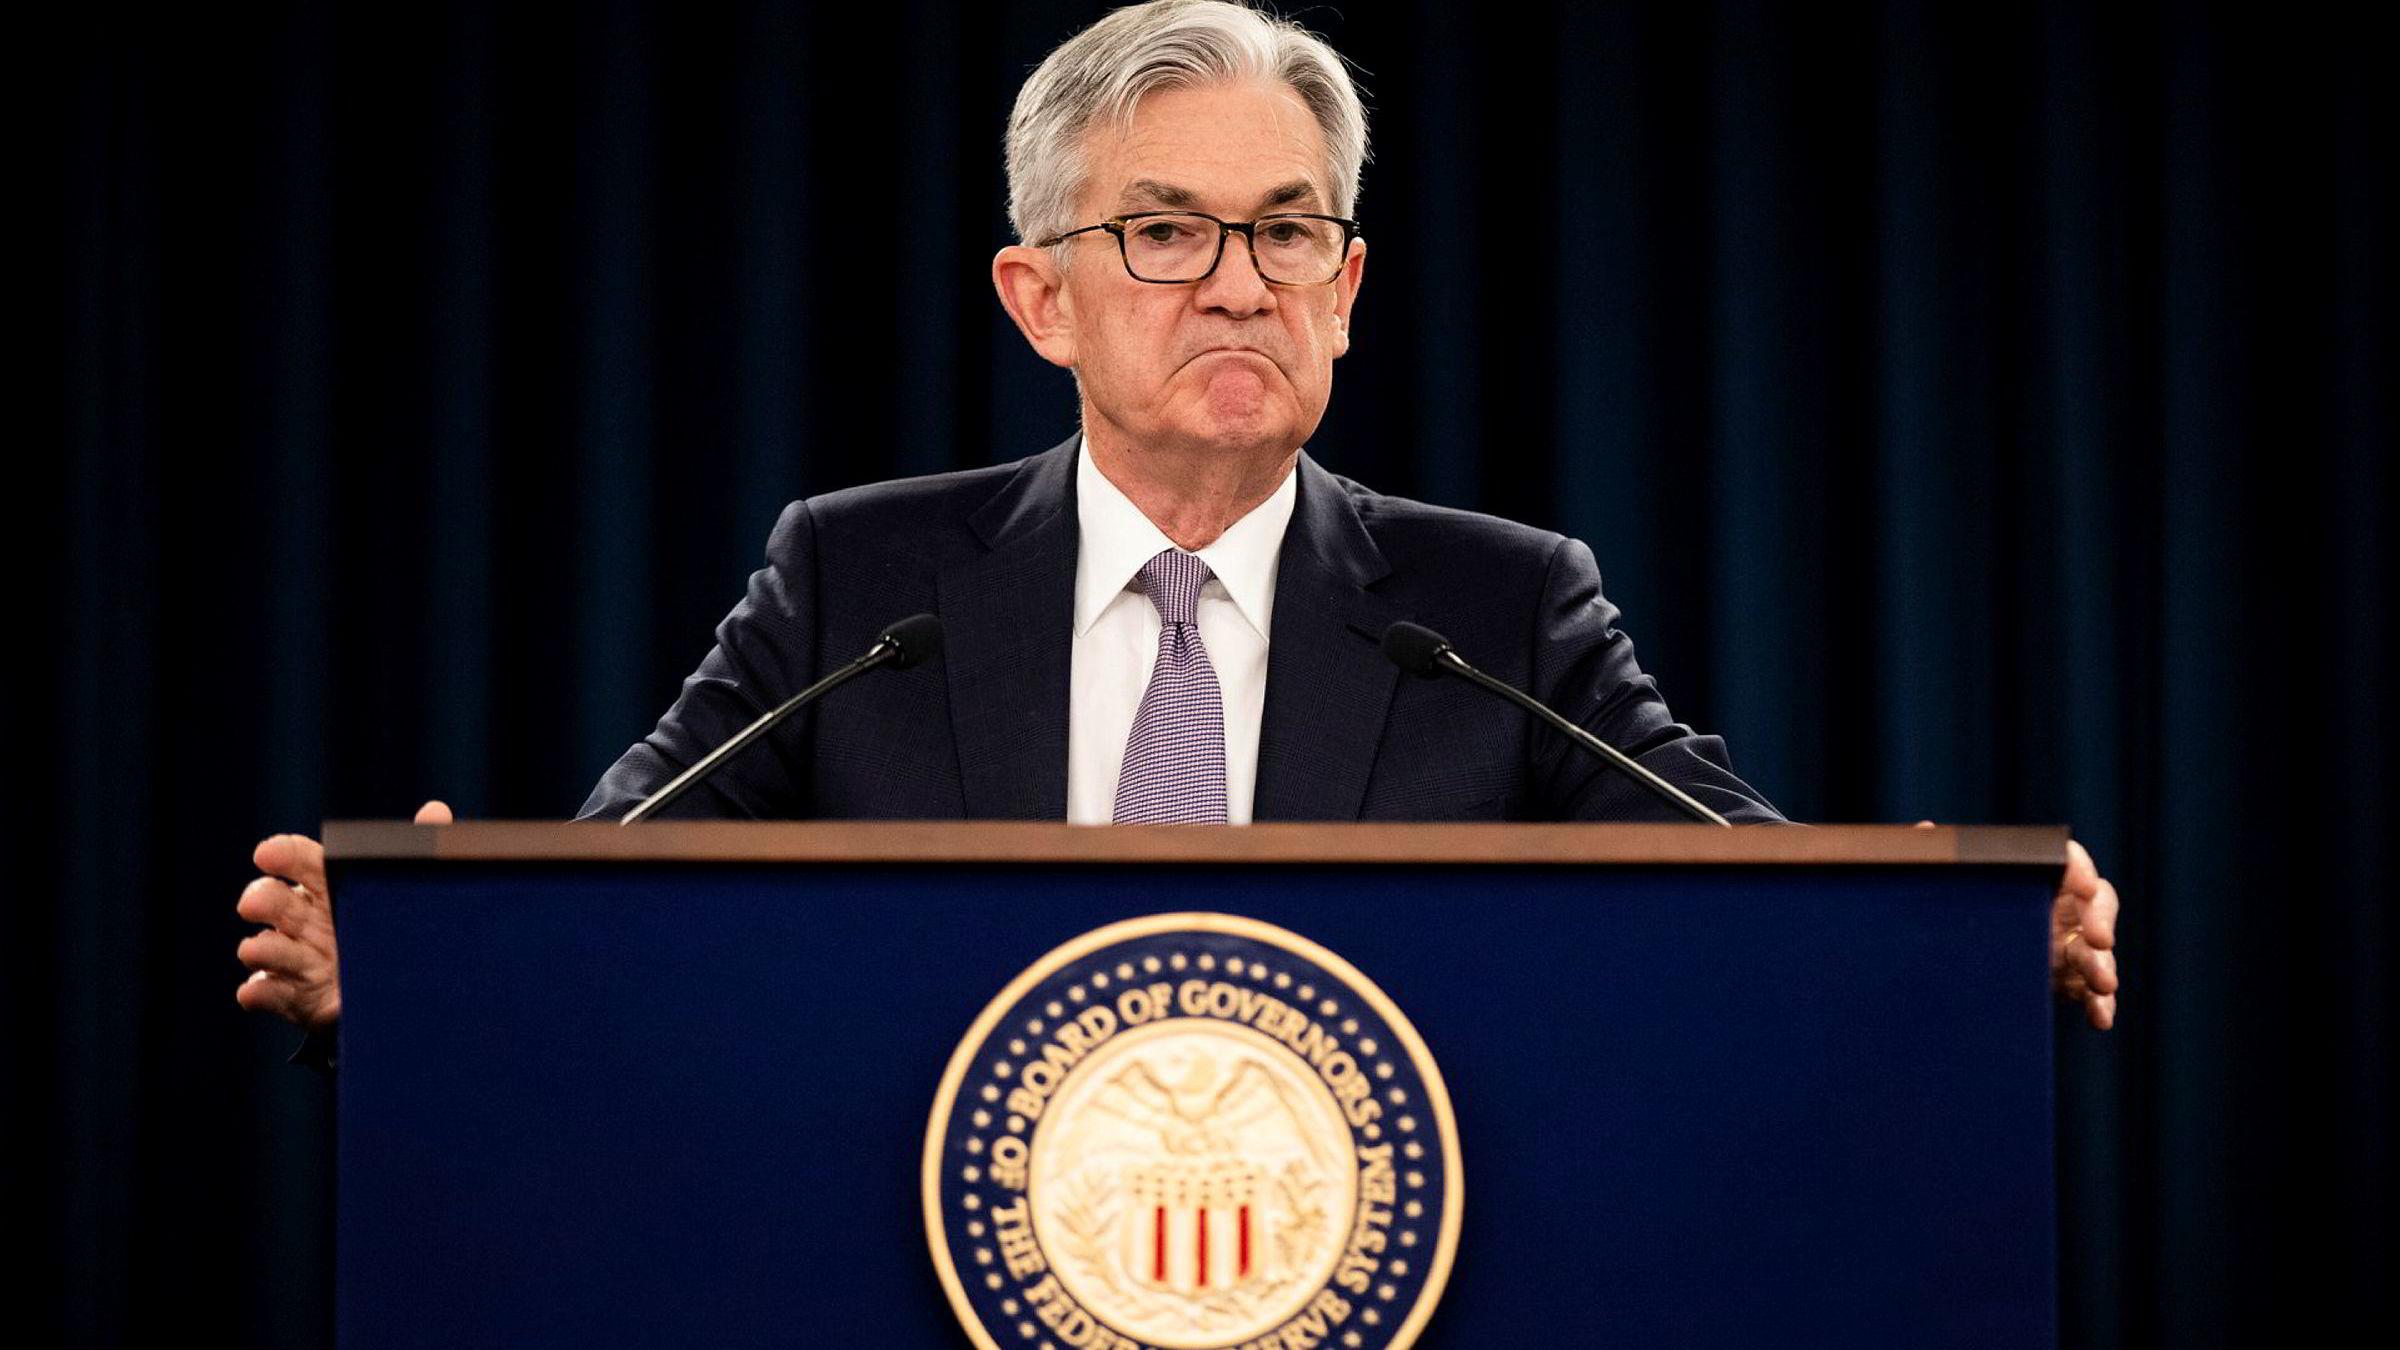 Koronakrisen er så dyp at sentralbanksjef Jerome Powell synes det er vanskelig å finne ord.